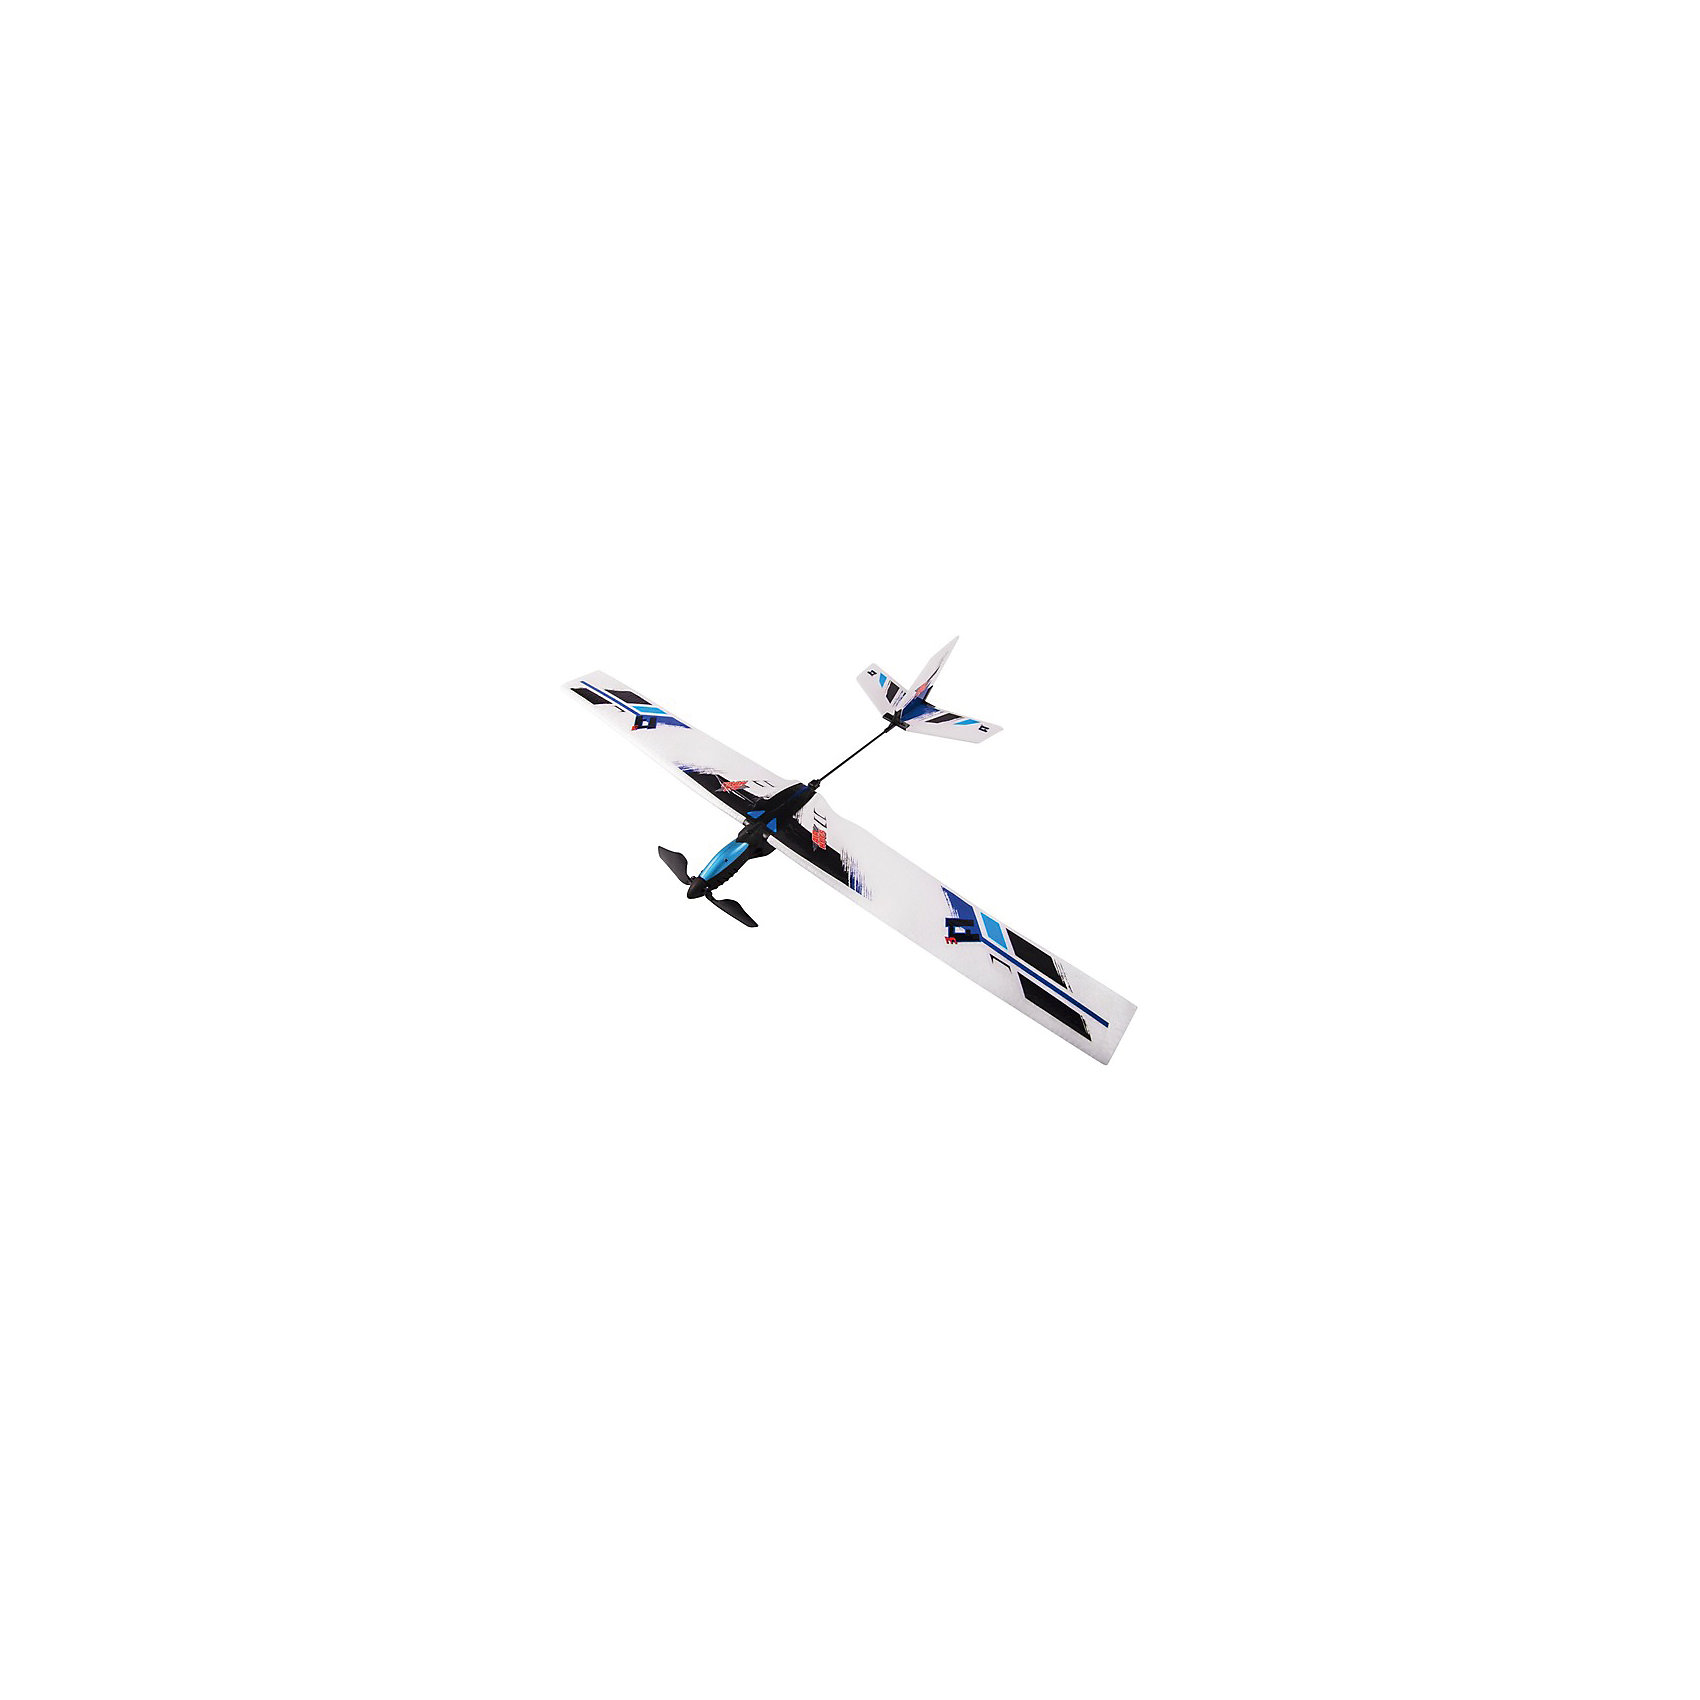 Планер с моторчиком, синий, AirHogsЭлектронная игрушка планер AirHogs с моторчиком. <br><br>Характеристики планера с моторчиком AirHogs:<br><br>• преодолевает расстояние до 22 метров;<br>• размах крыльев составляет 56 см;<br>• батарейки включены в комплект: 2 шт. типа АА;<br>• размер упаковки: 25,3х15х30 см;<br>• вес упаковки: 737 г.<br><br>Сборная модель планера с моторчиком для игр на улице работает от батареек. Легкий пластик, большие крылья и надежное крепление деталей друг с другом дает планеру маневренность и плавный ход. Кнопка активации находится возле кабины, предусмотрено автоматическое отключение через 12 секунд. Планер в собранном виде украшается наклейками. <br><br>Планер с моторчиком, синий, AirHogs можно купить в нашем интернет-магазине.<br><br>Ширина мм: 30<br>Глубина мм: 180<br>Высота мм: 350<br>Вес г: 312<br>Возраст от месяцев: 36<br>Возраст до месяцев: 2147483647<br>Пол: Мужской<br>Возраст: Детский<br>SKU: 5064331